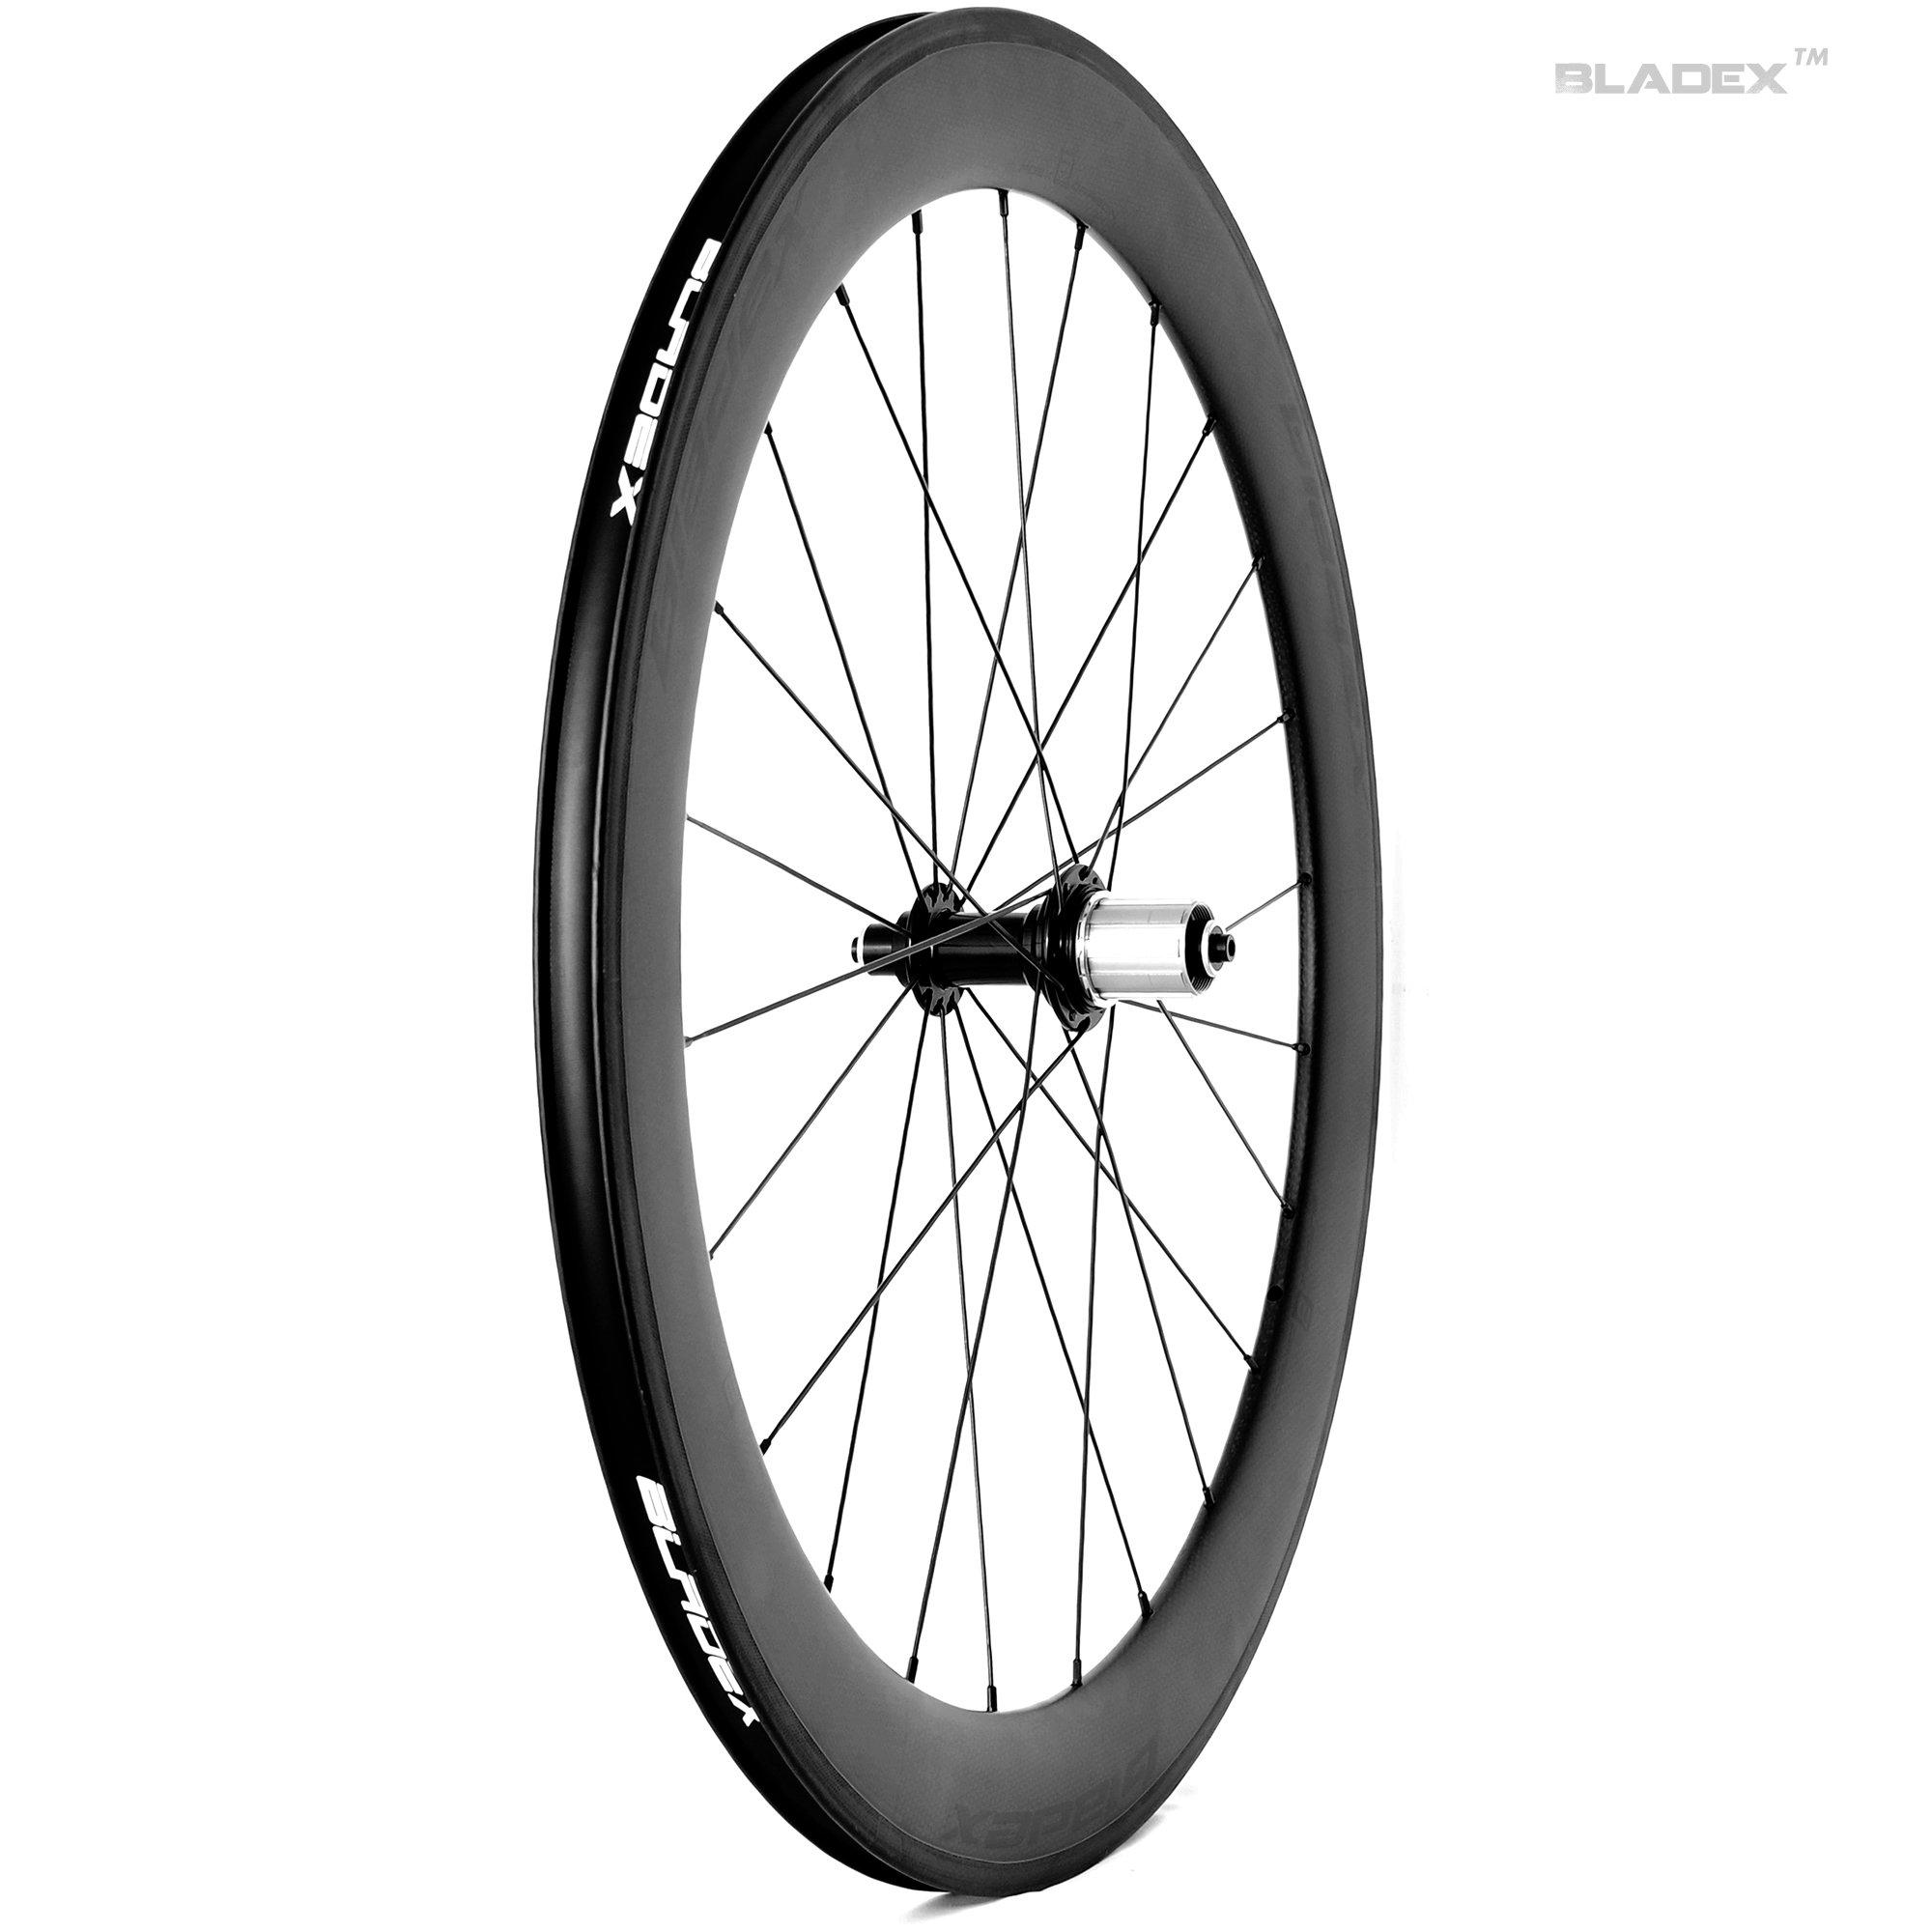 60mm Carbon Wheels- Rear wheel